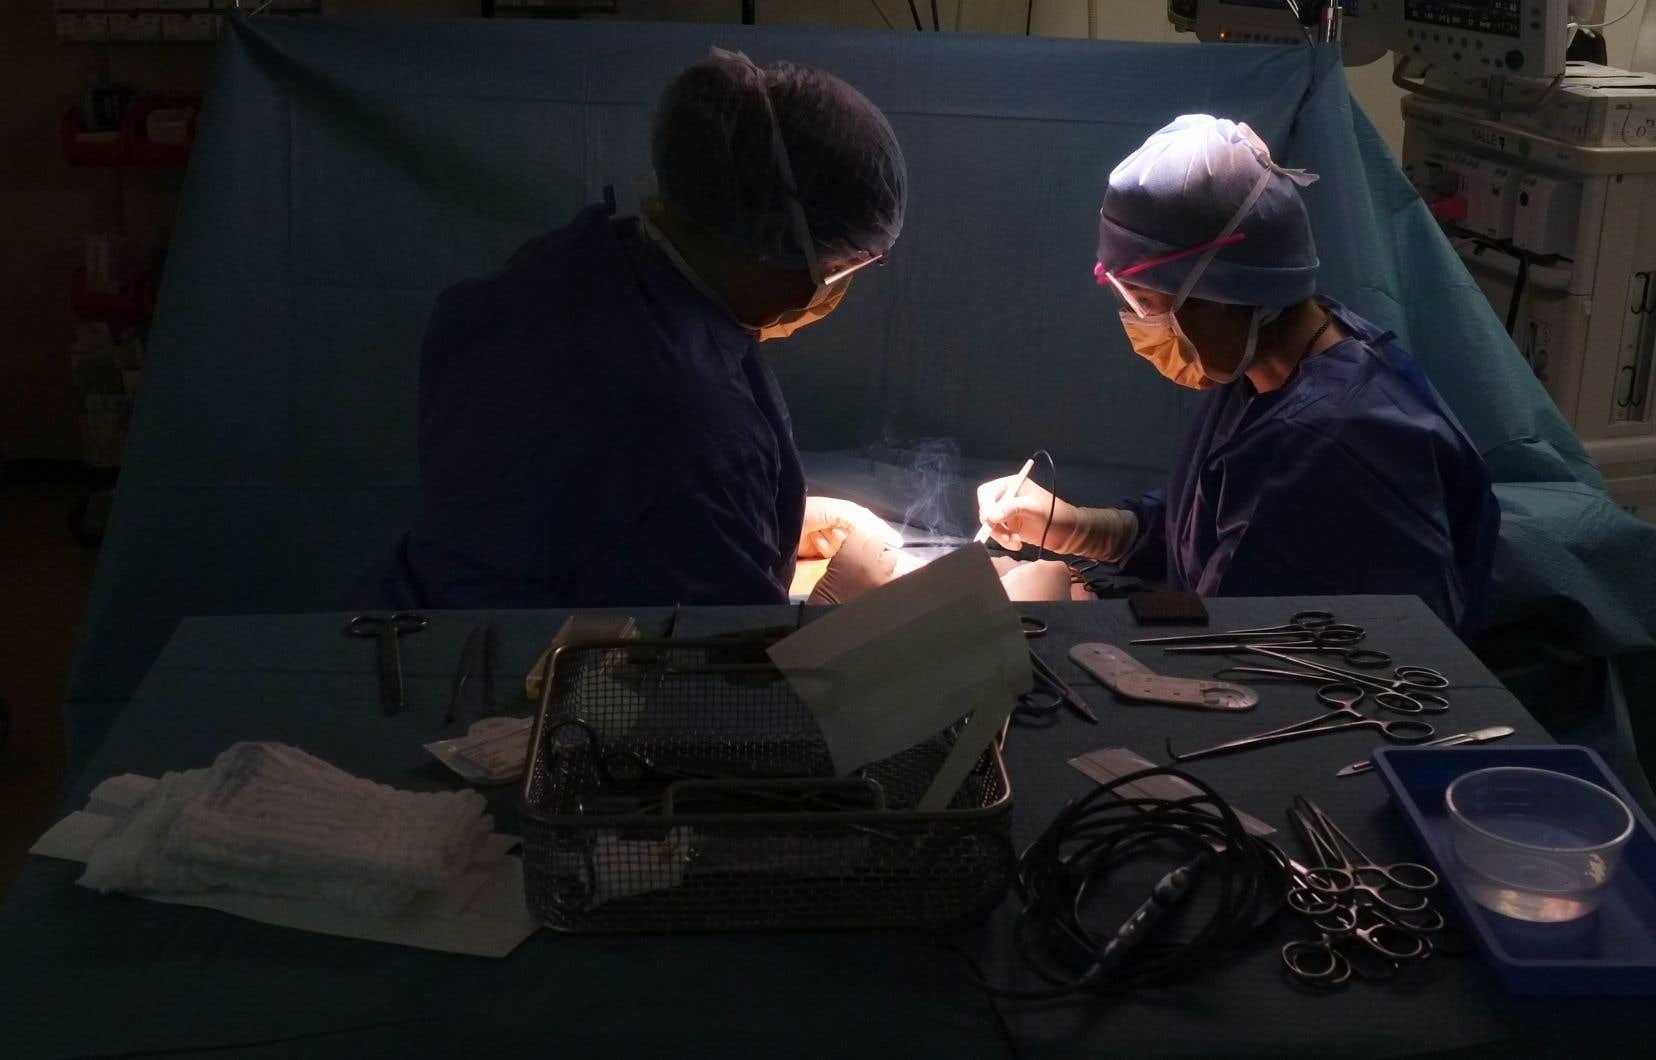 Avec l'augmentation progressive de leur rémunération depuis dix ans, les médecins spécialistes font maintenant partie du 1% les mieux payés au pays, systèmes public et privé confondus, note l'auteur.